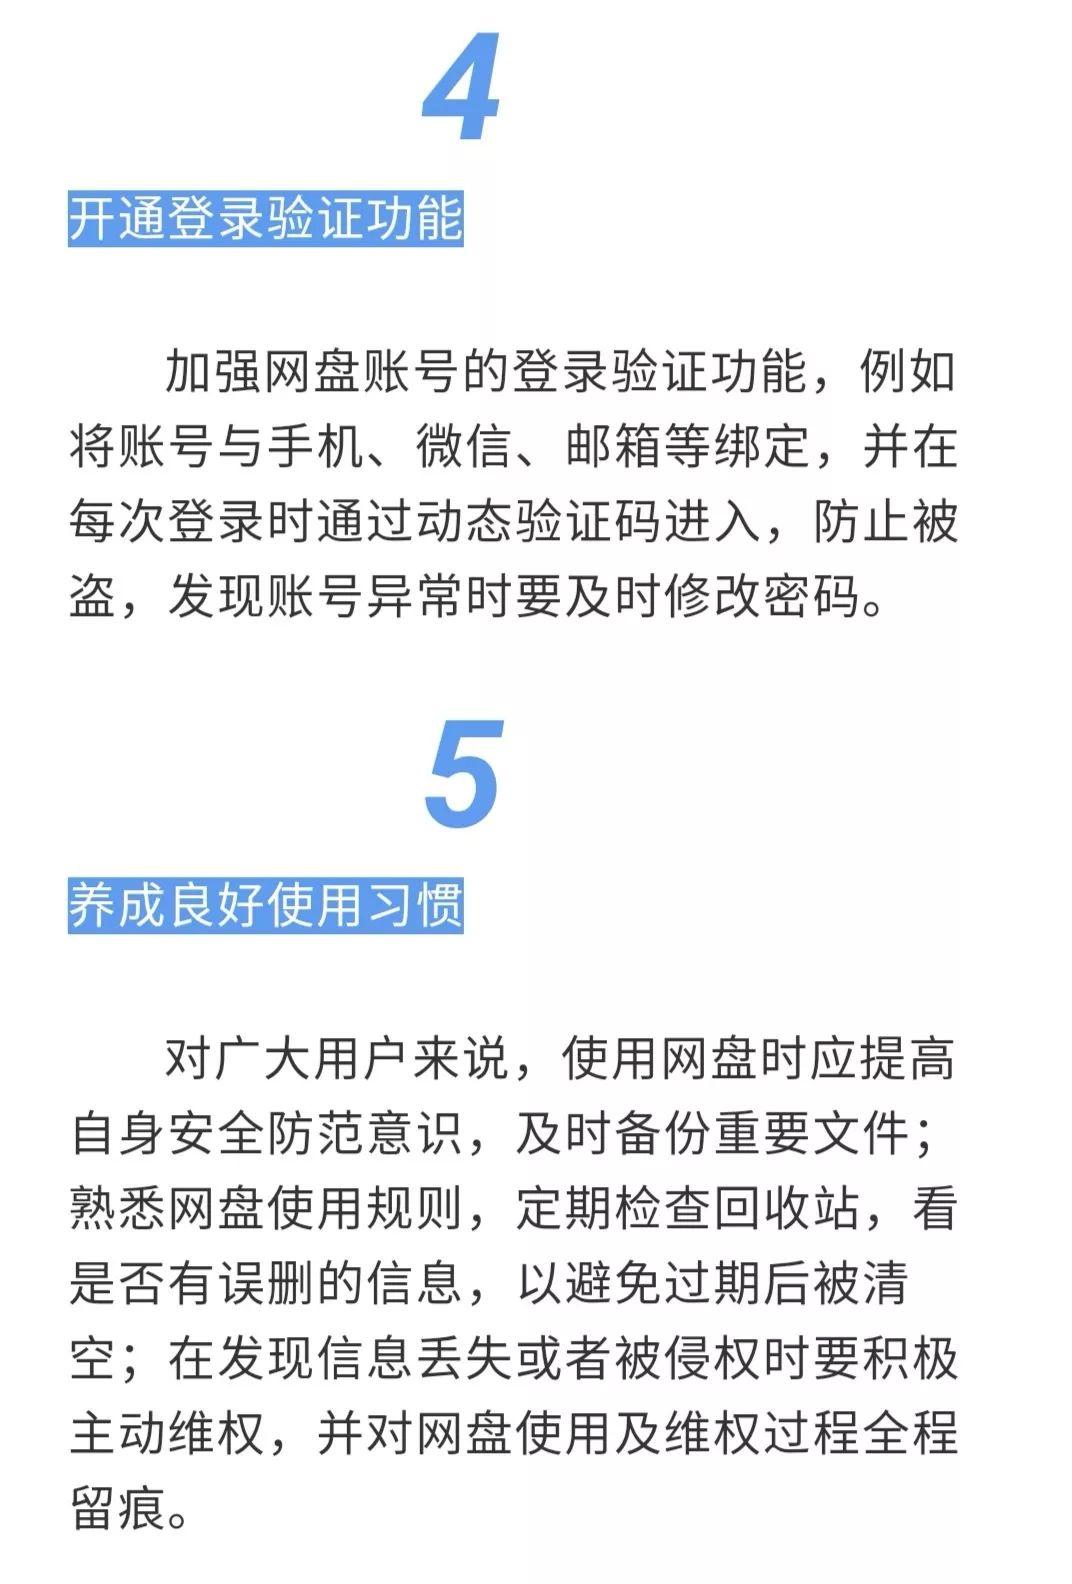 保定网警:网盘产品使用提醒的图片 第11张